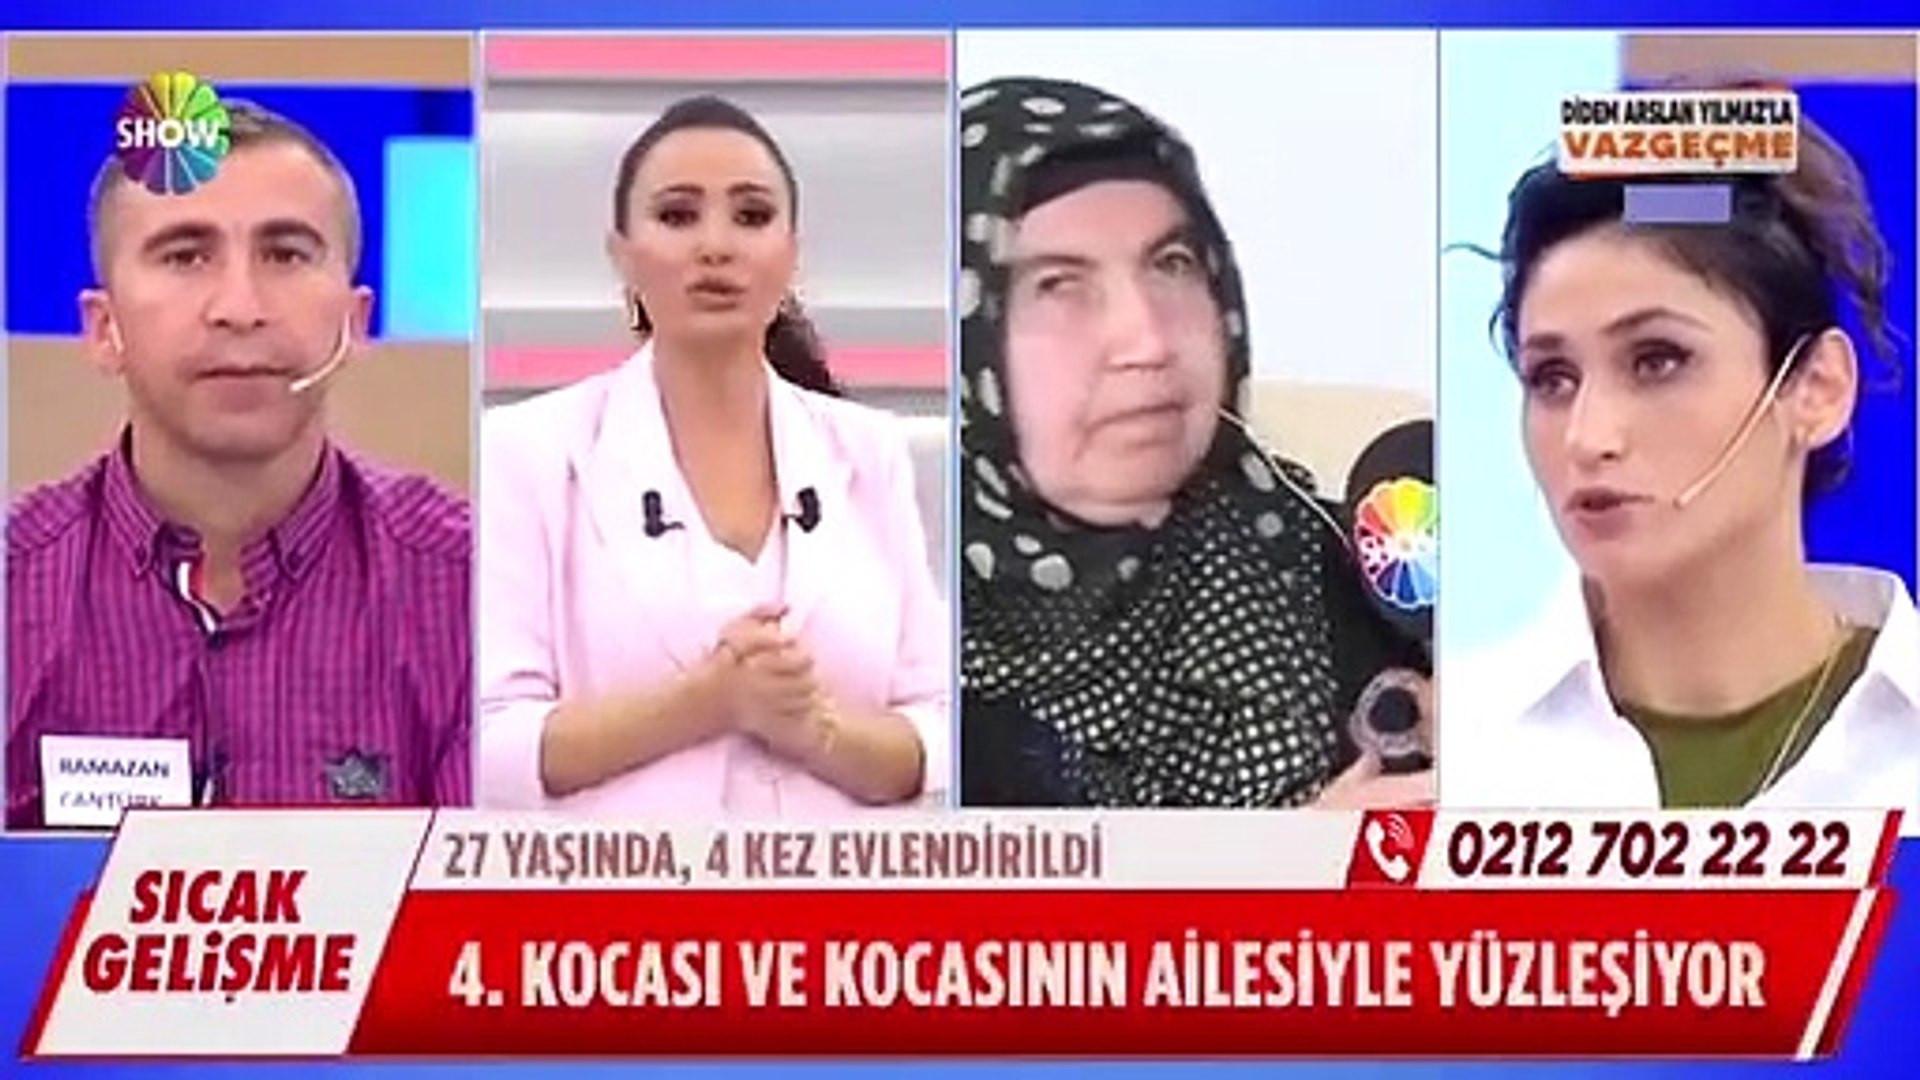 Azeri gelin, Didem Arslan Yılmaz'ı çileden çıkarttı